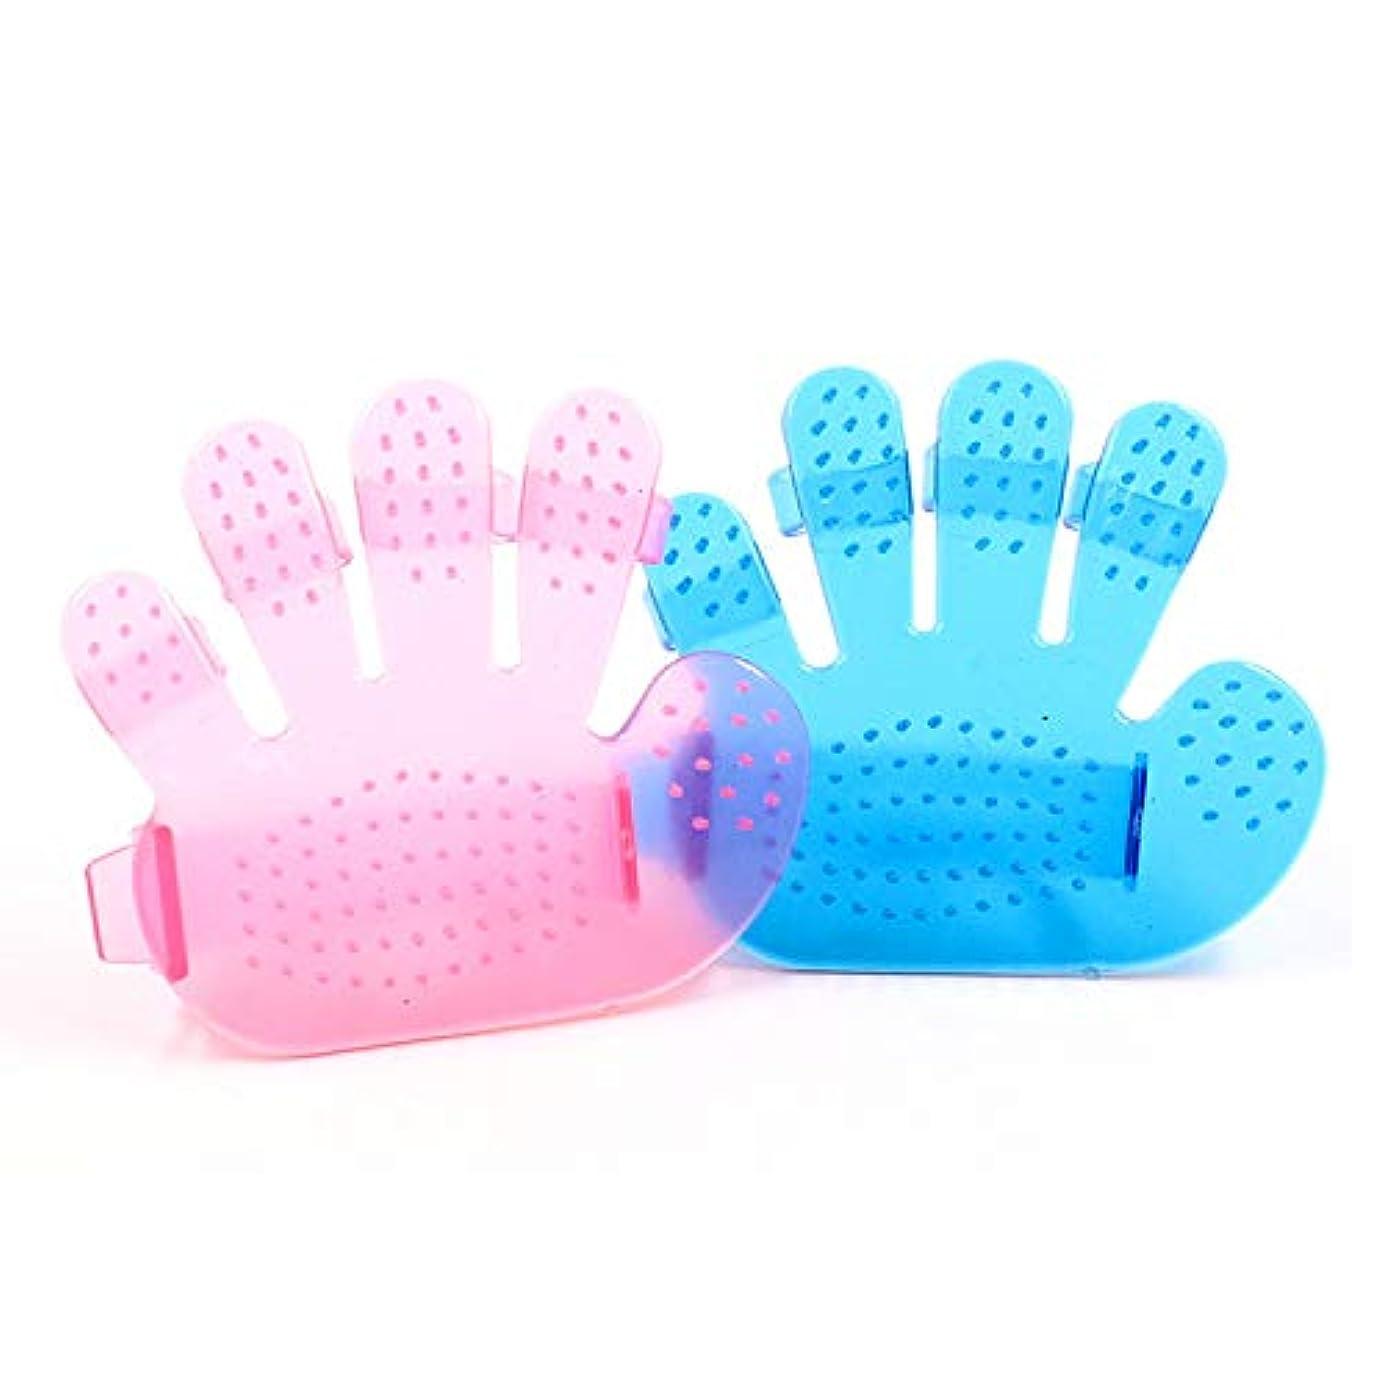 服を着るお風呂を持っている見るBTXXYJP ペット ブラシ 手袋 猫 ブラシ グローブ クリーナー 耐摩耗 抜け毛取り マッサージブラシ 犬 グローブ 10個 (Color : Pink, Size : M-Ten)